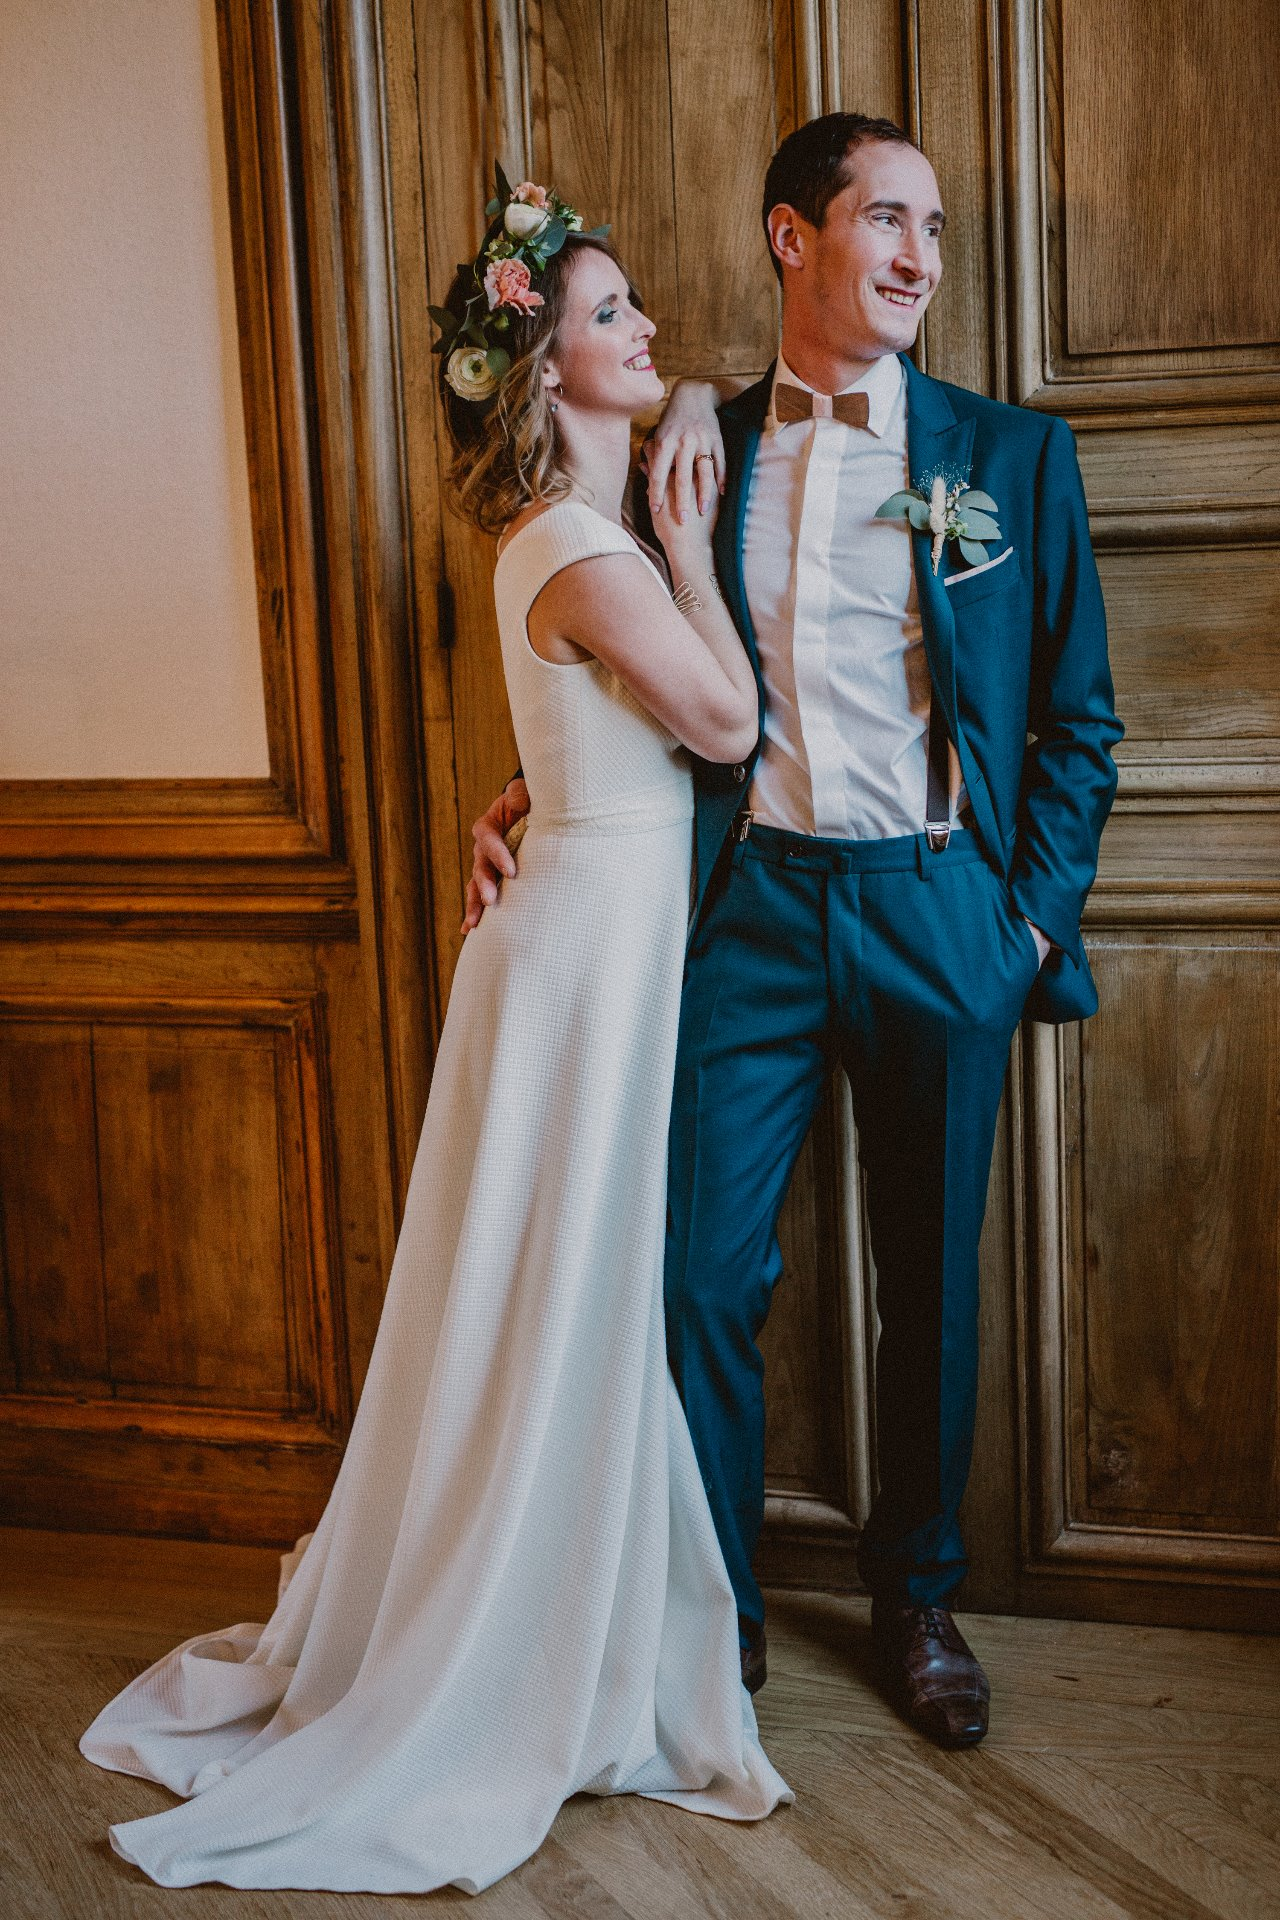 sterenn-officiante-ceremonie-laique-costume-marié-vert-foret-couple-271